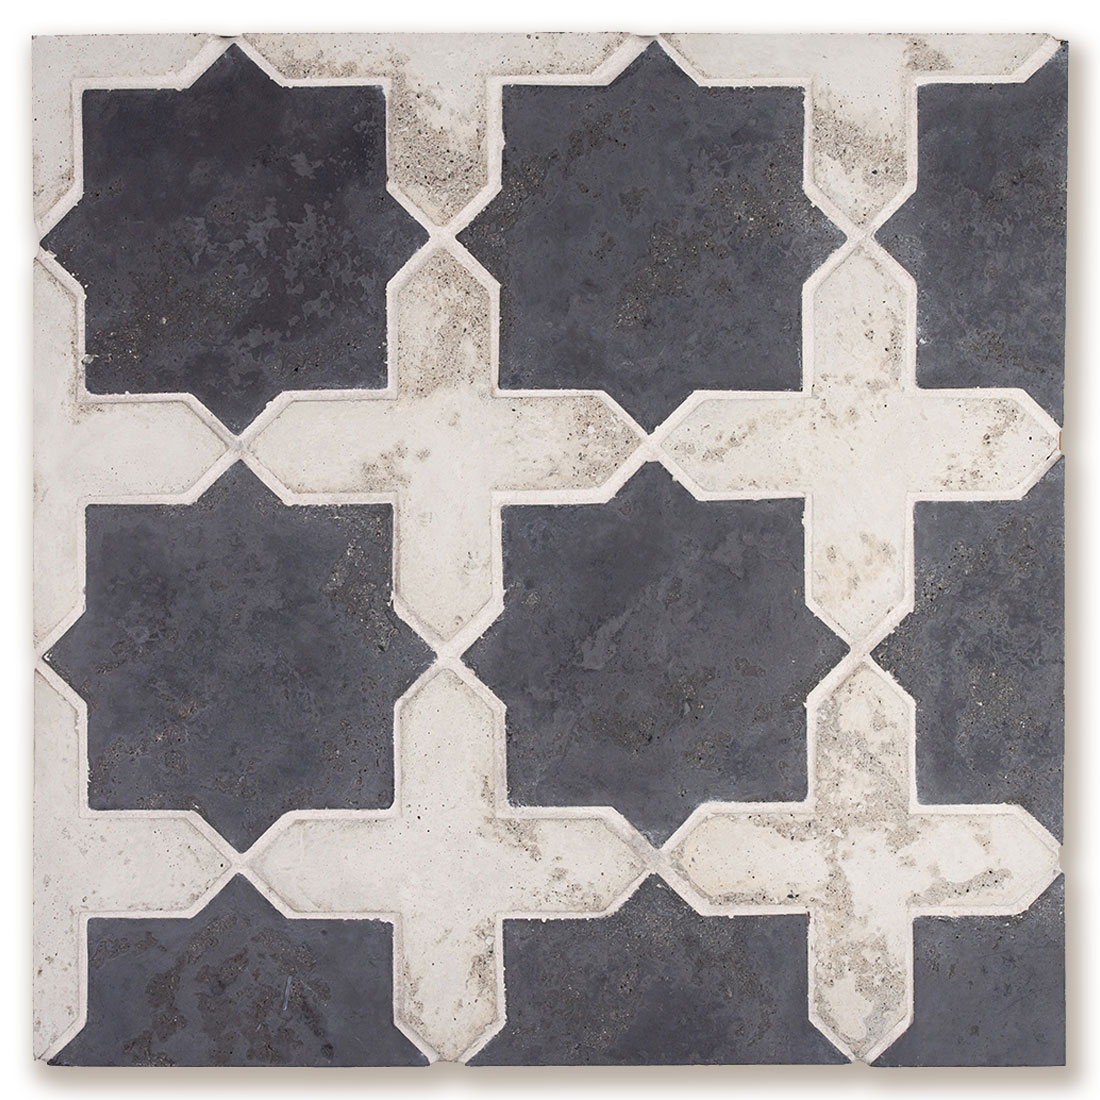 artillo handmade concrete tile series